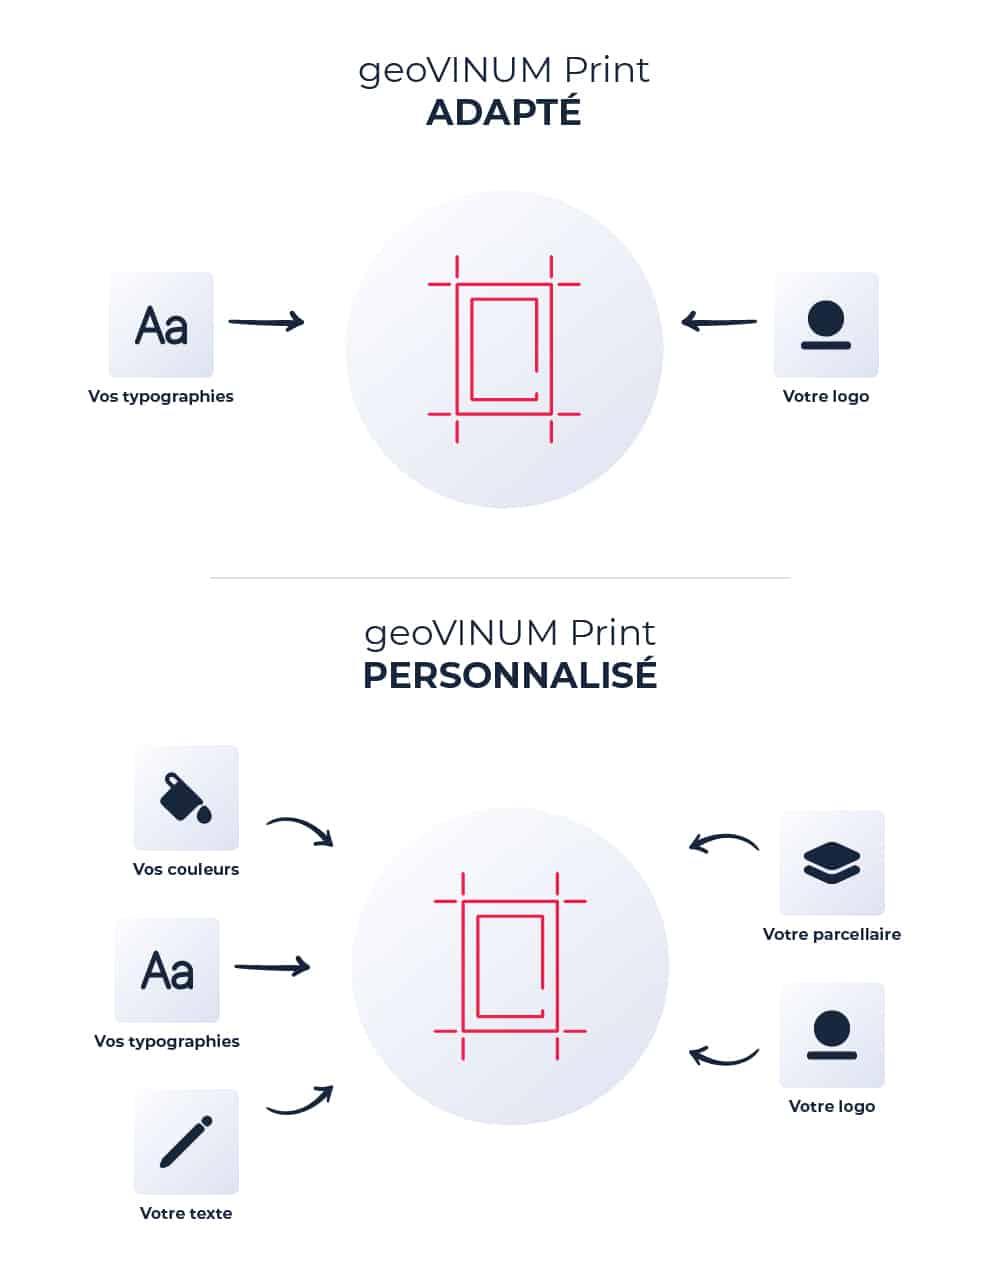 Schéma de la personnalisation des cartes geovinum